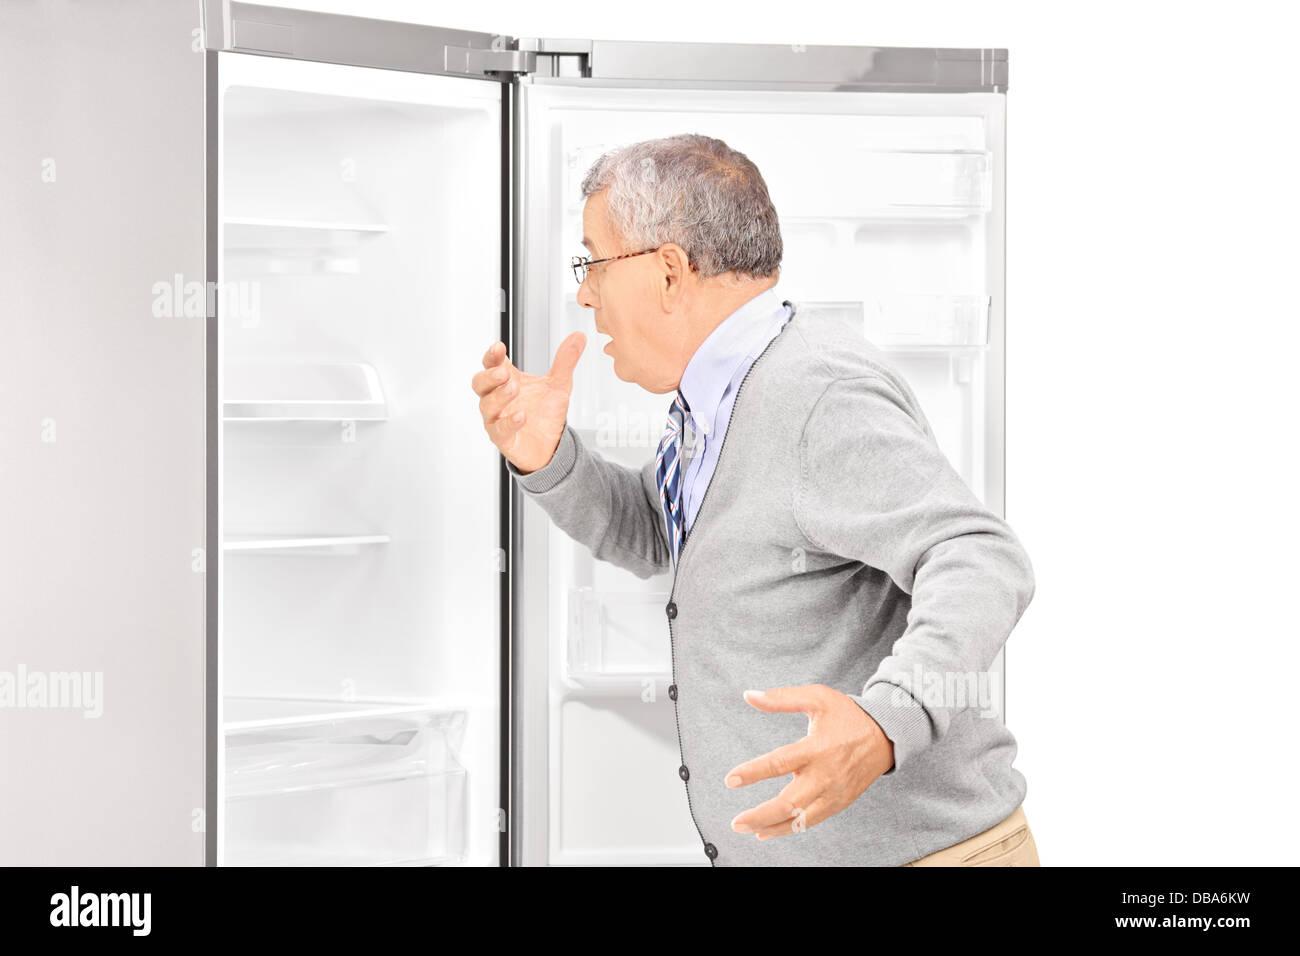 Groß Kühlschrank Suchen Bilder - Das Beste Architekturbild - huepie.com